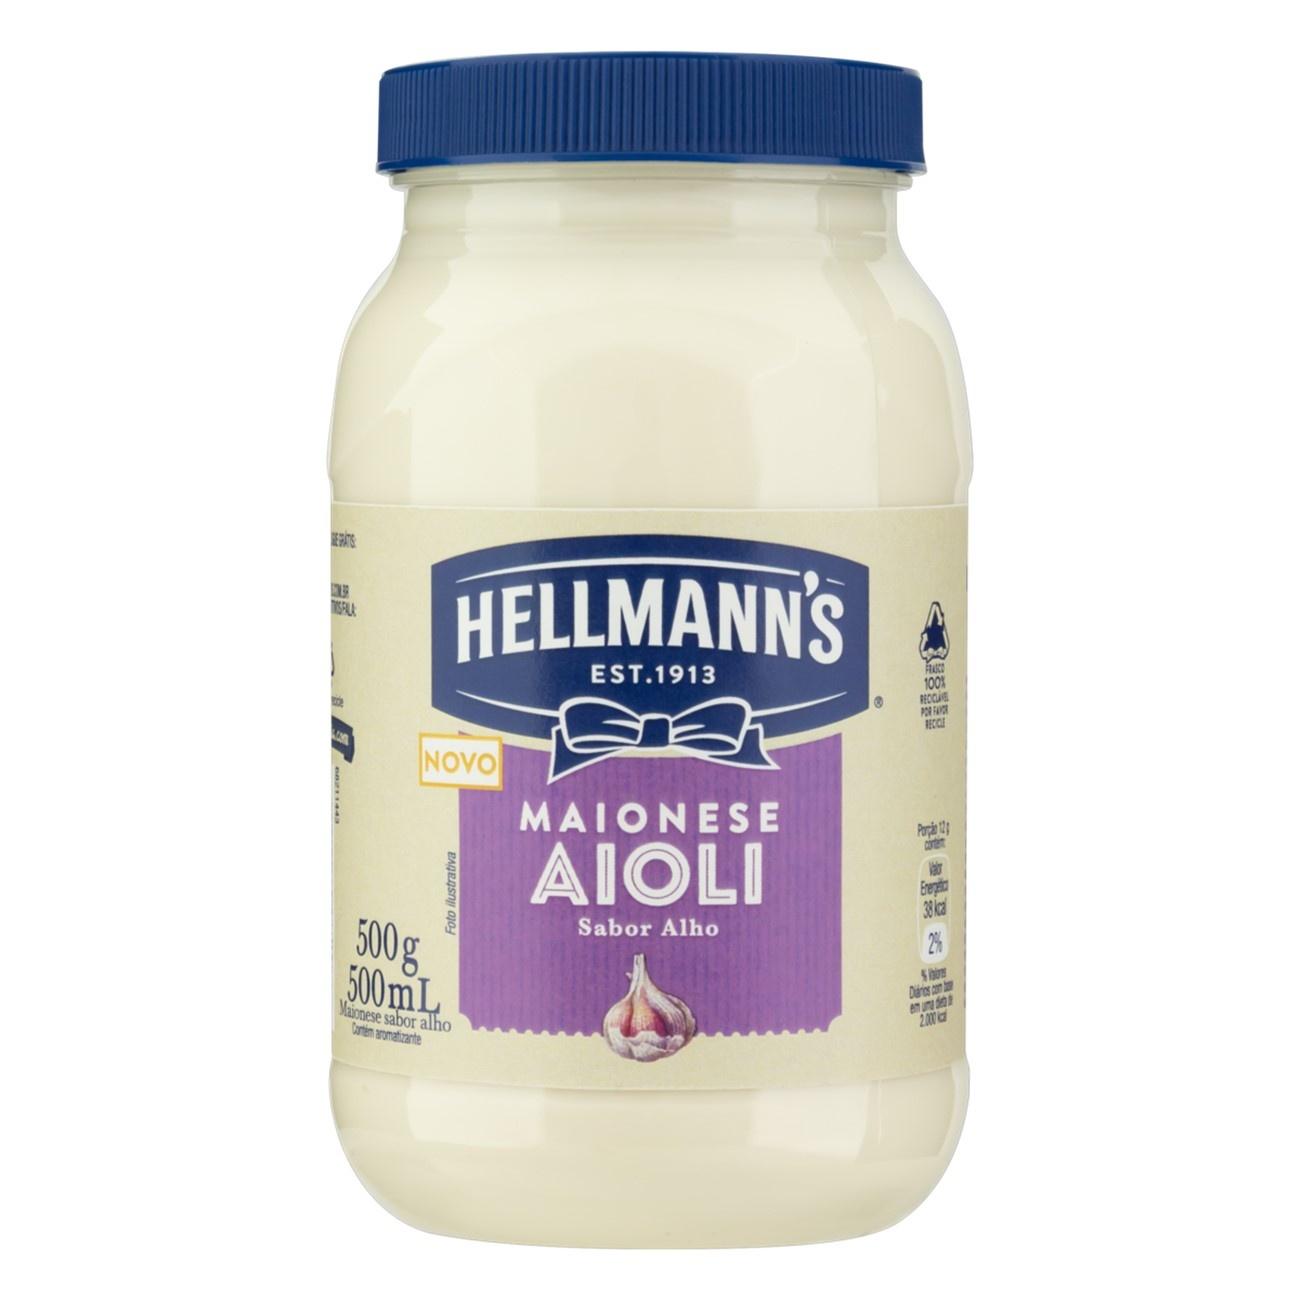 Maionese Aiolli Hellmann's Alho 500g